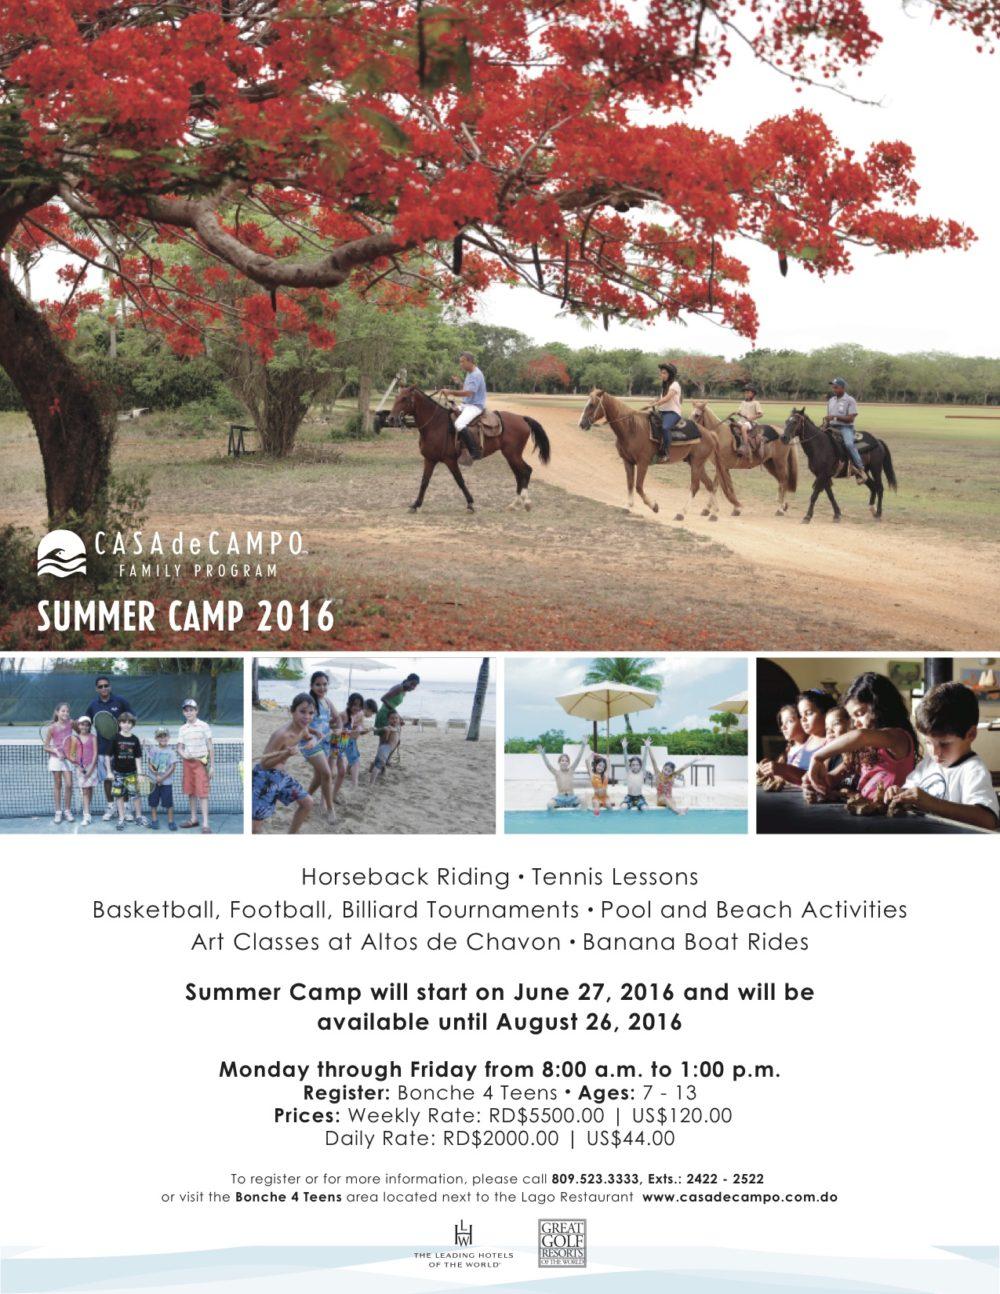 Casa de Campo Summer Family Program